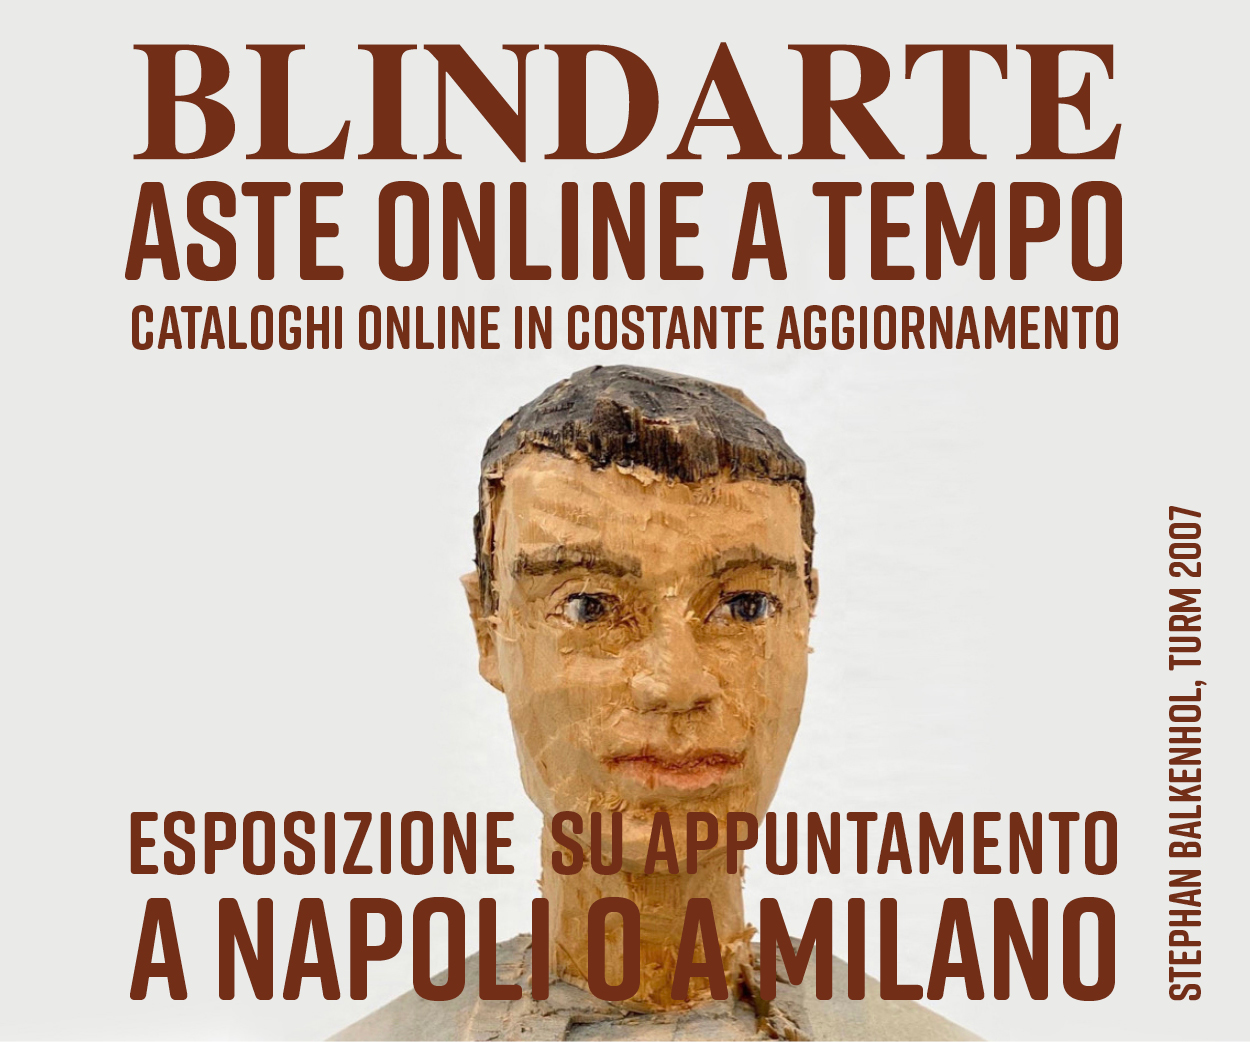 Blindarte